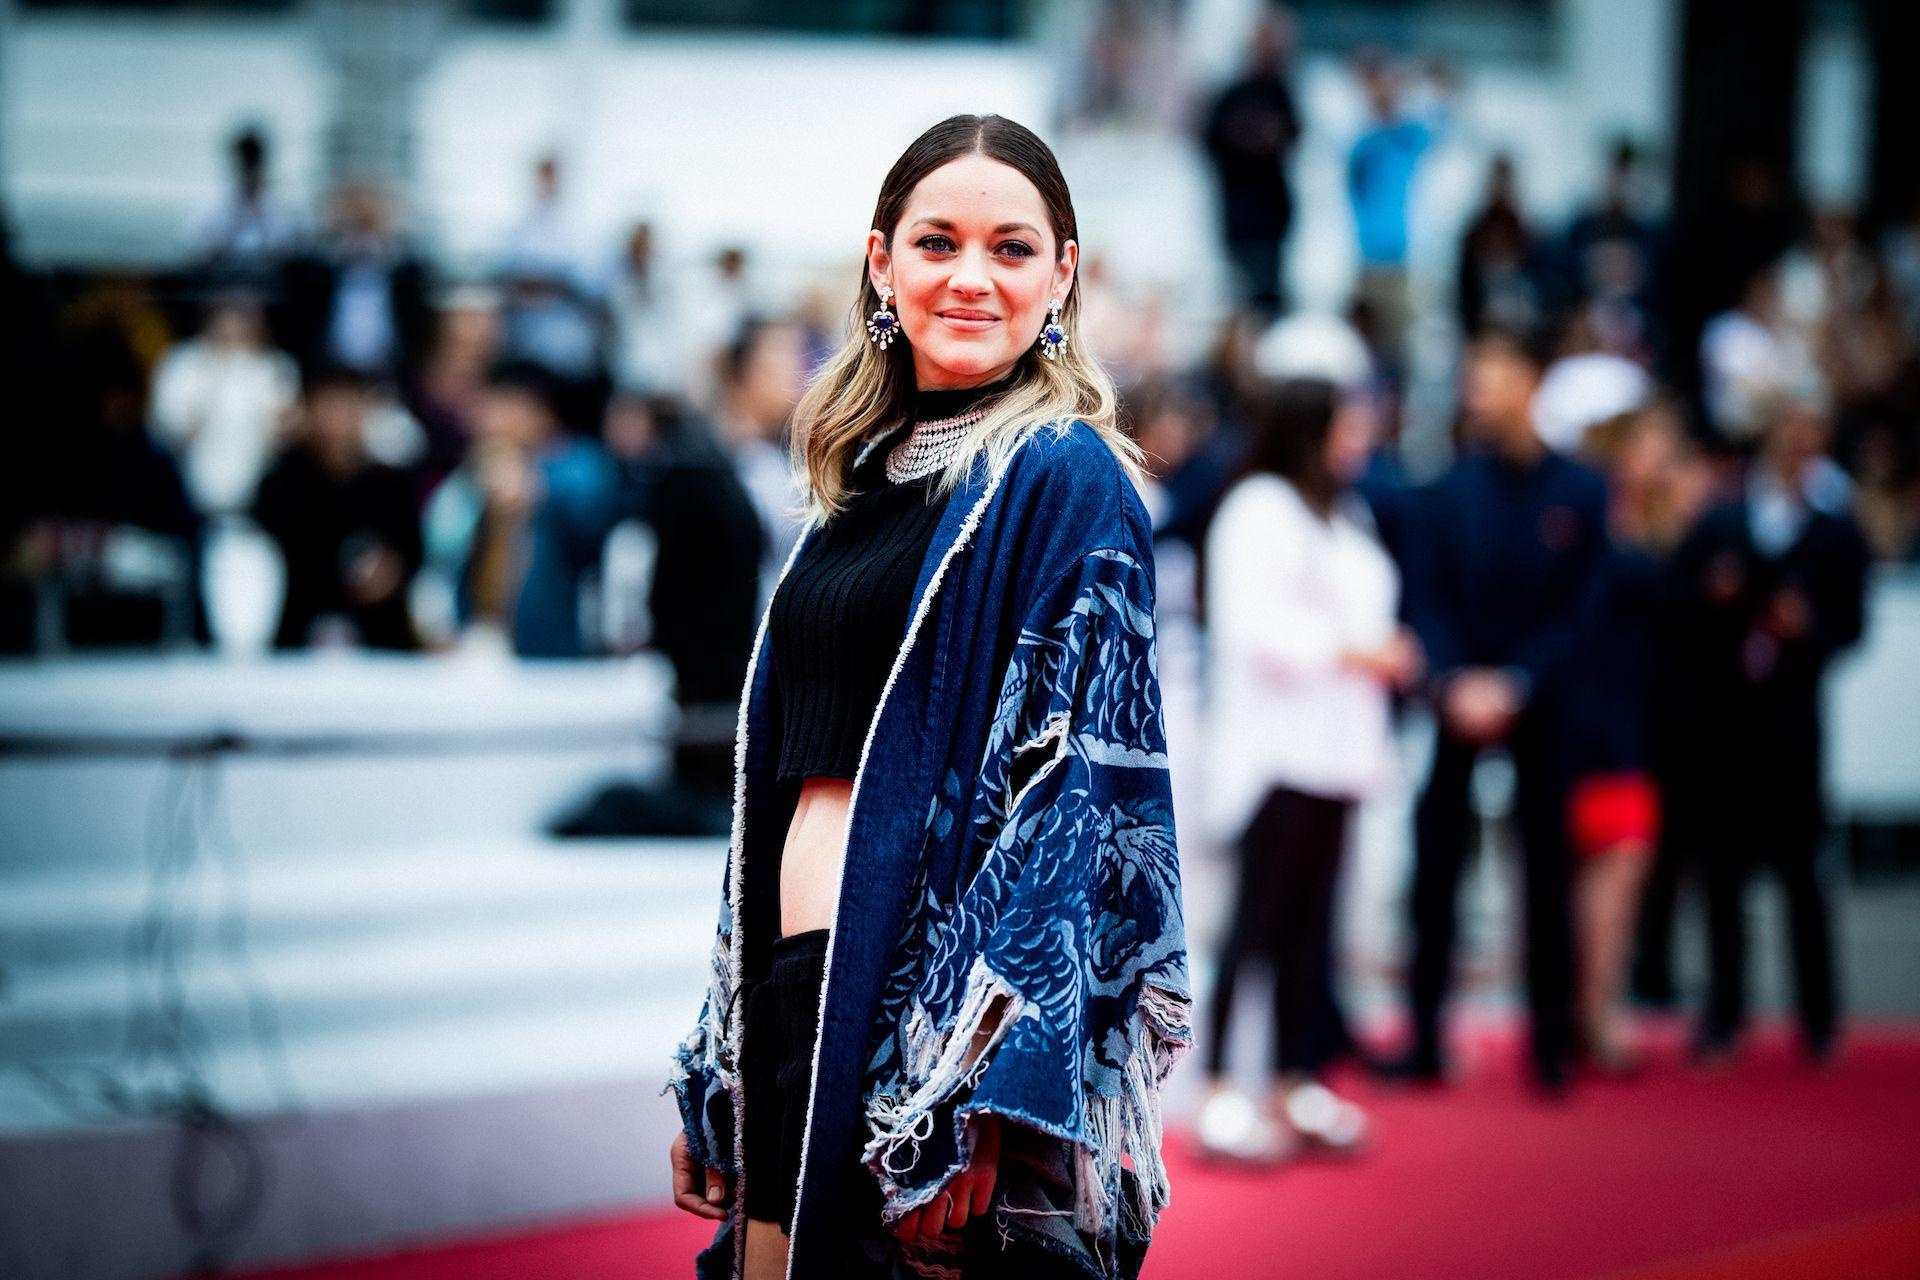 El Festival de Cannes vuelve este verano con una de las parejas cinematográficas del momento